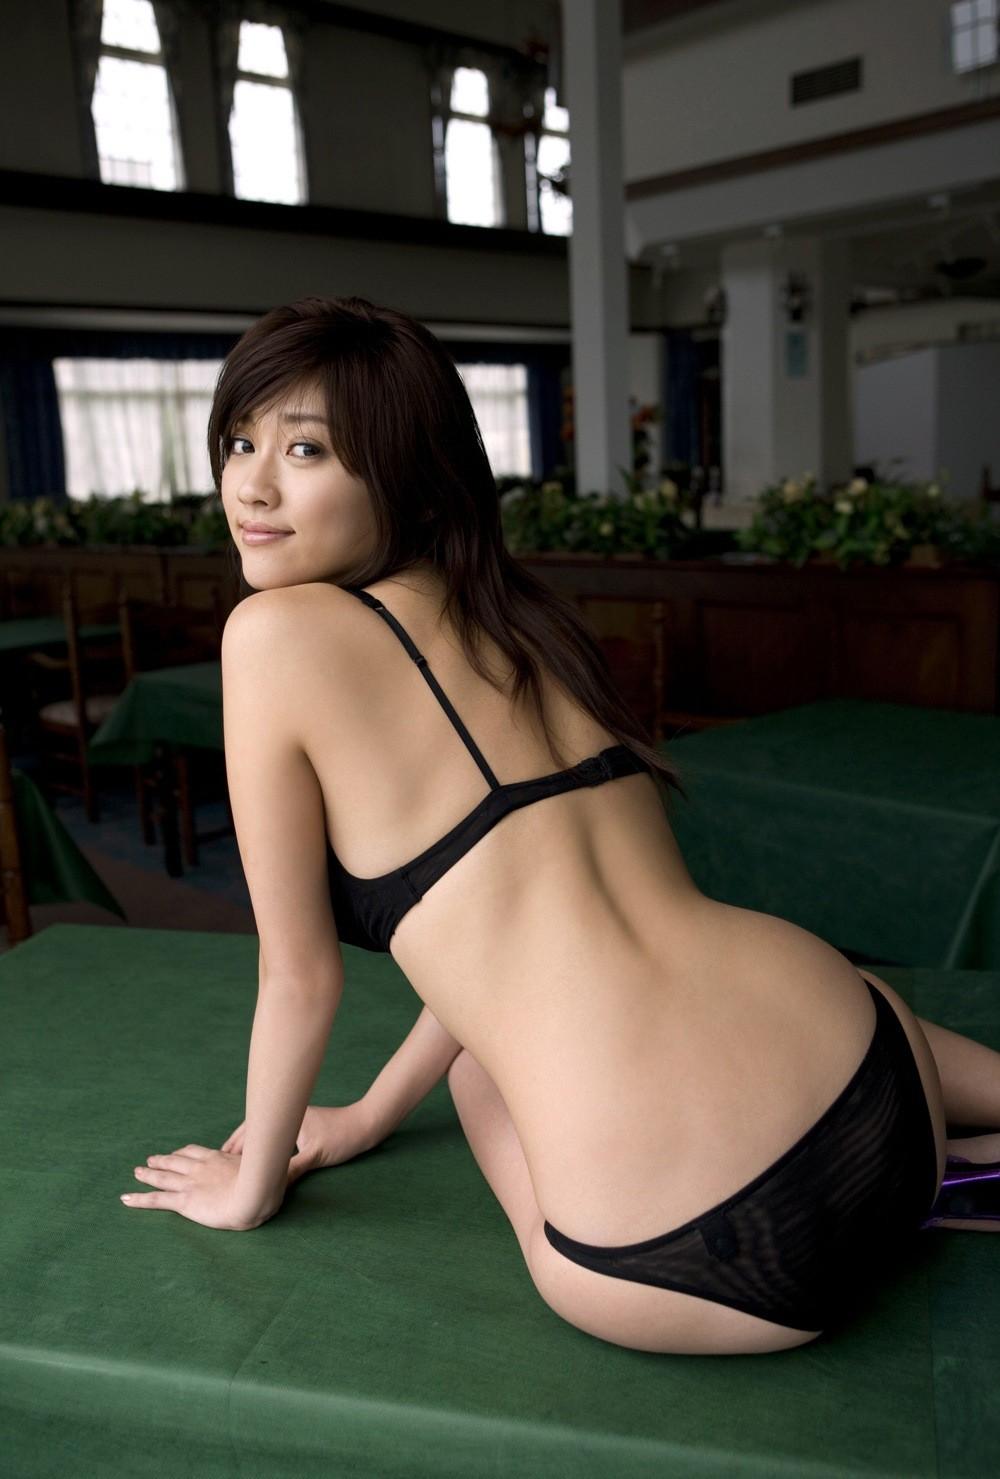 【下着エロ画像】痴女じゃなくても着ますwでも攻撃的なイメージは拭えない黒ランジェ姿(*´Д`)